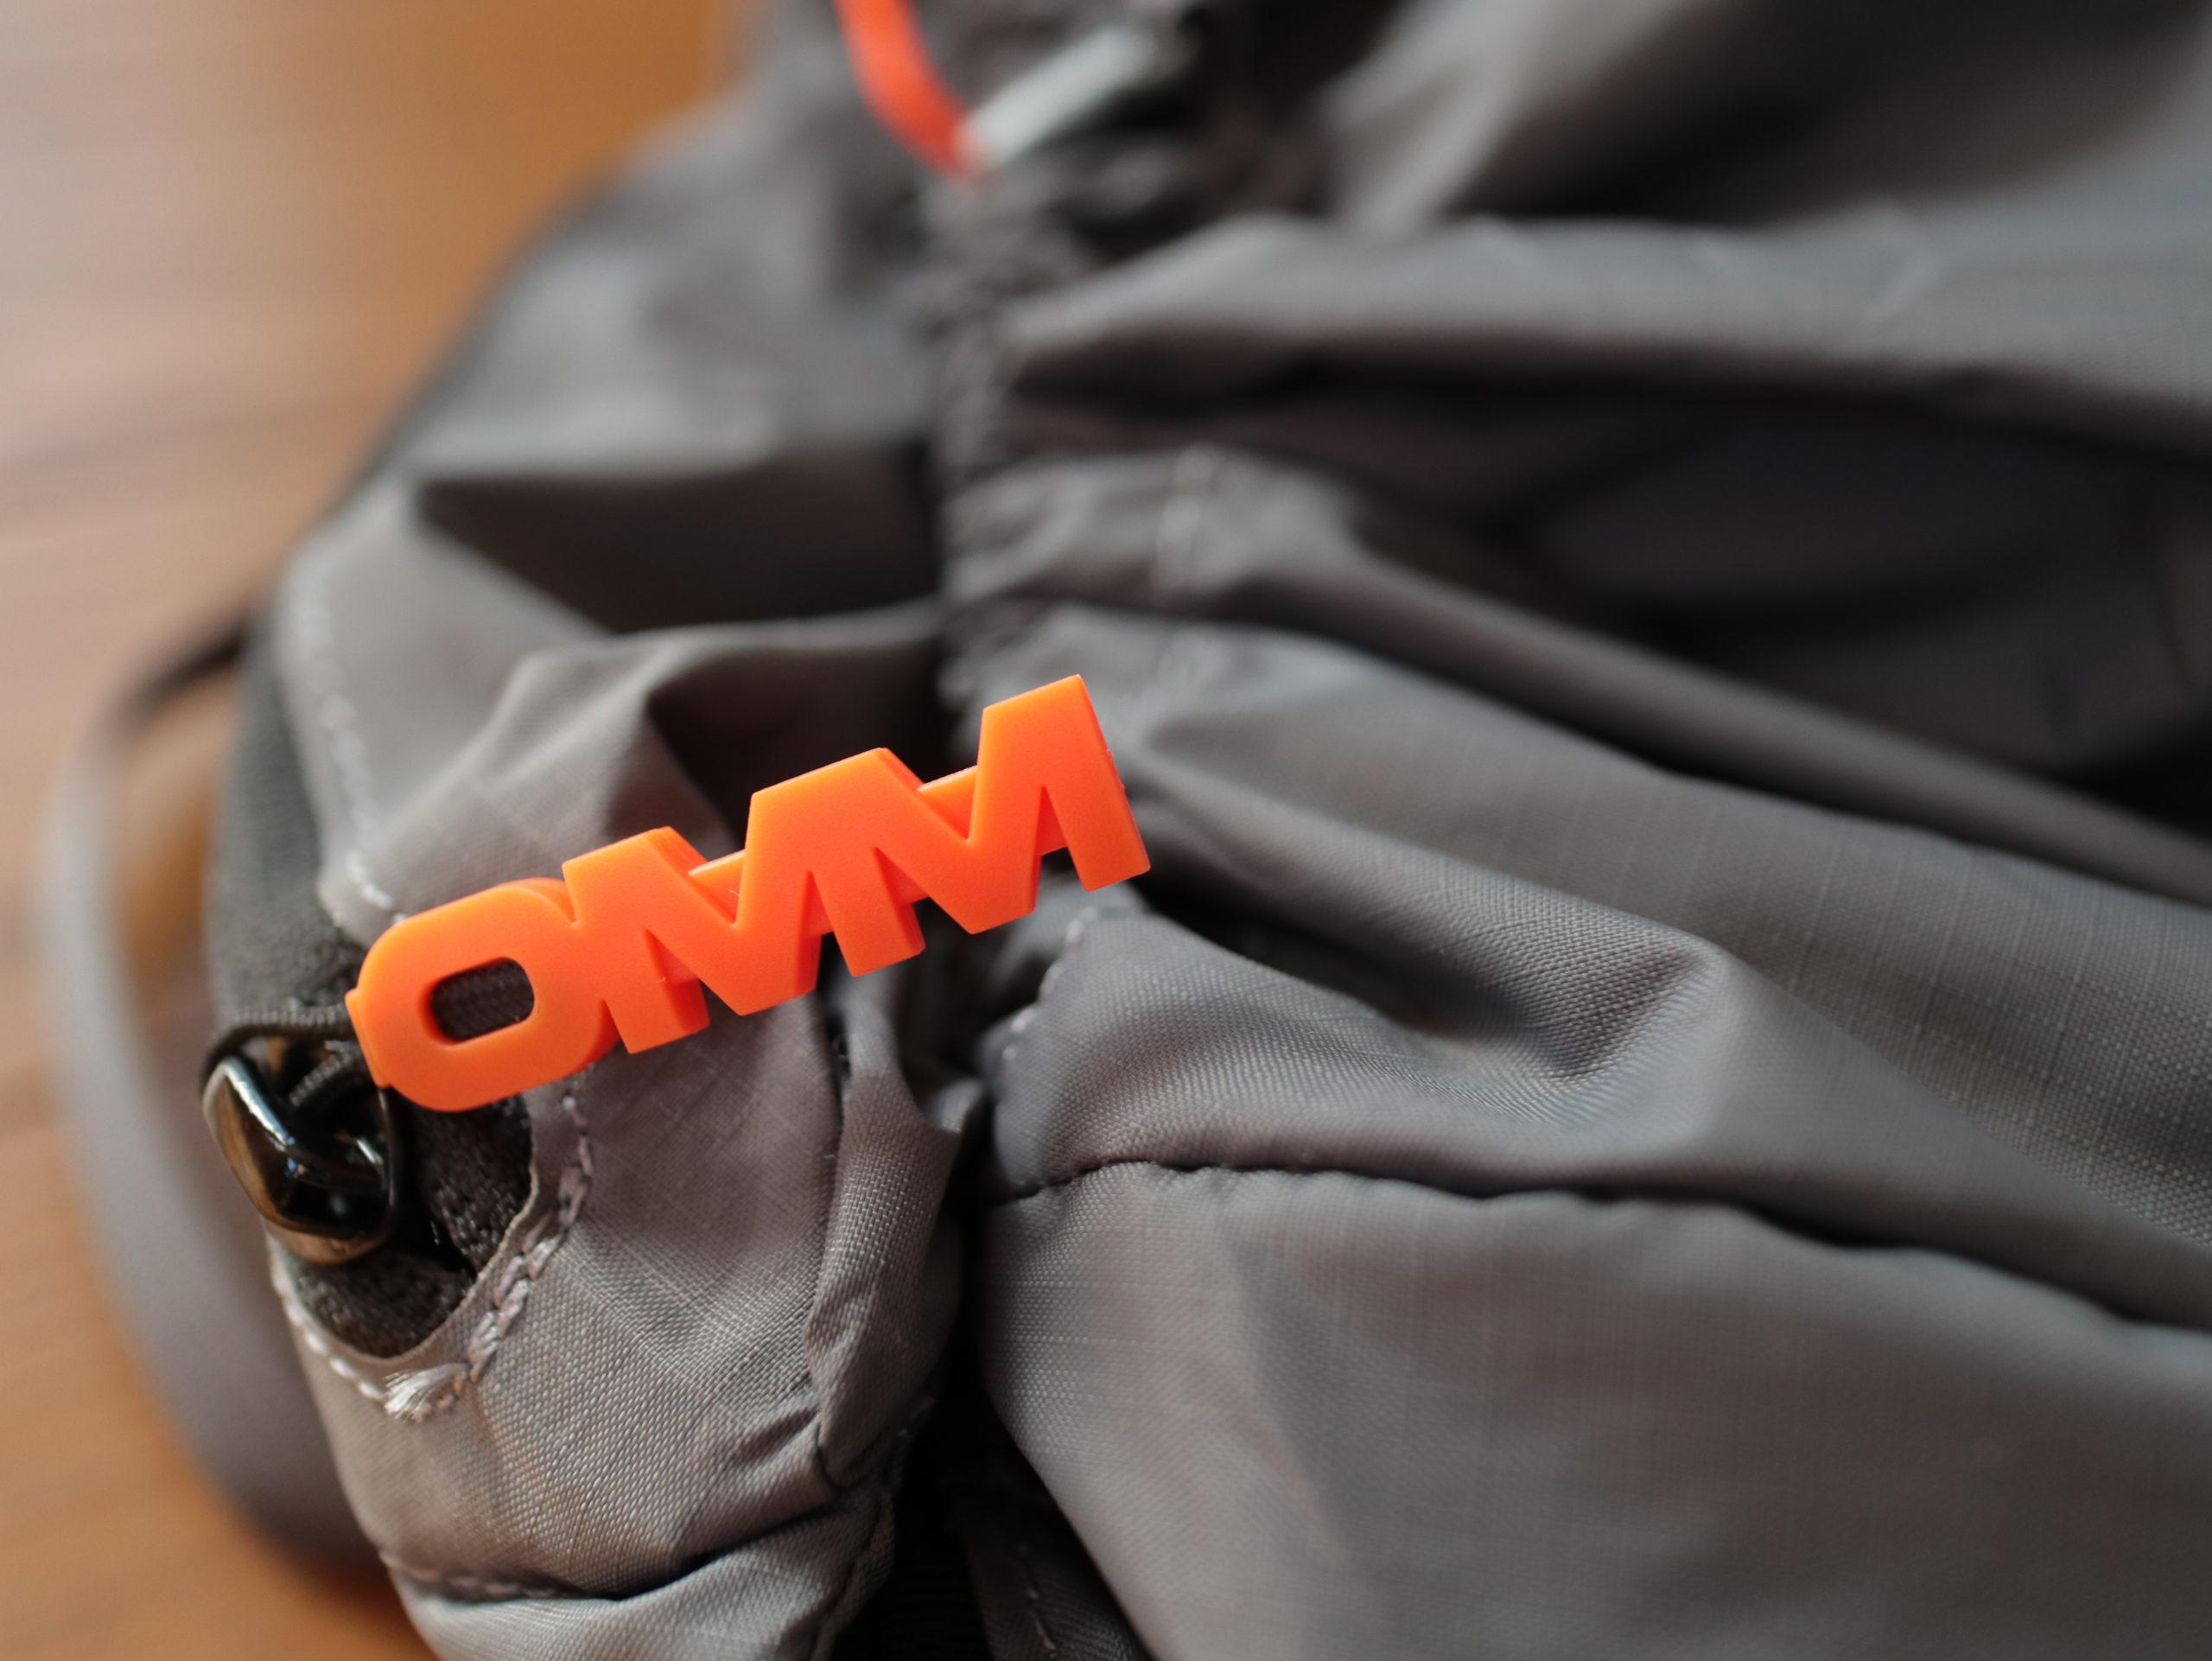 【New!相棒ザック】日帰りハイク用「OMM Classic25」がシンプル&機能的&ちょいダサでイイ感じ